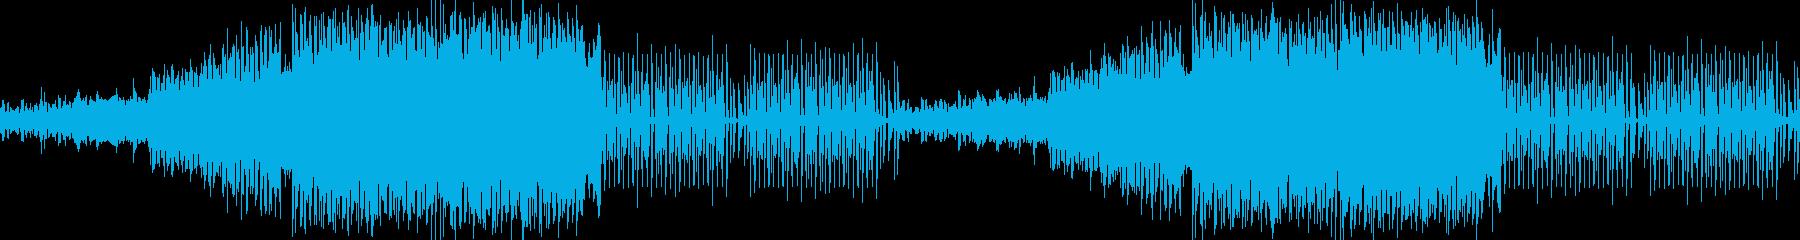 激しいトレーニングエキサイティングEDMの再生済みの波形